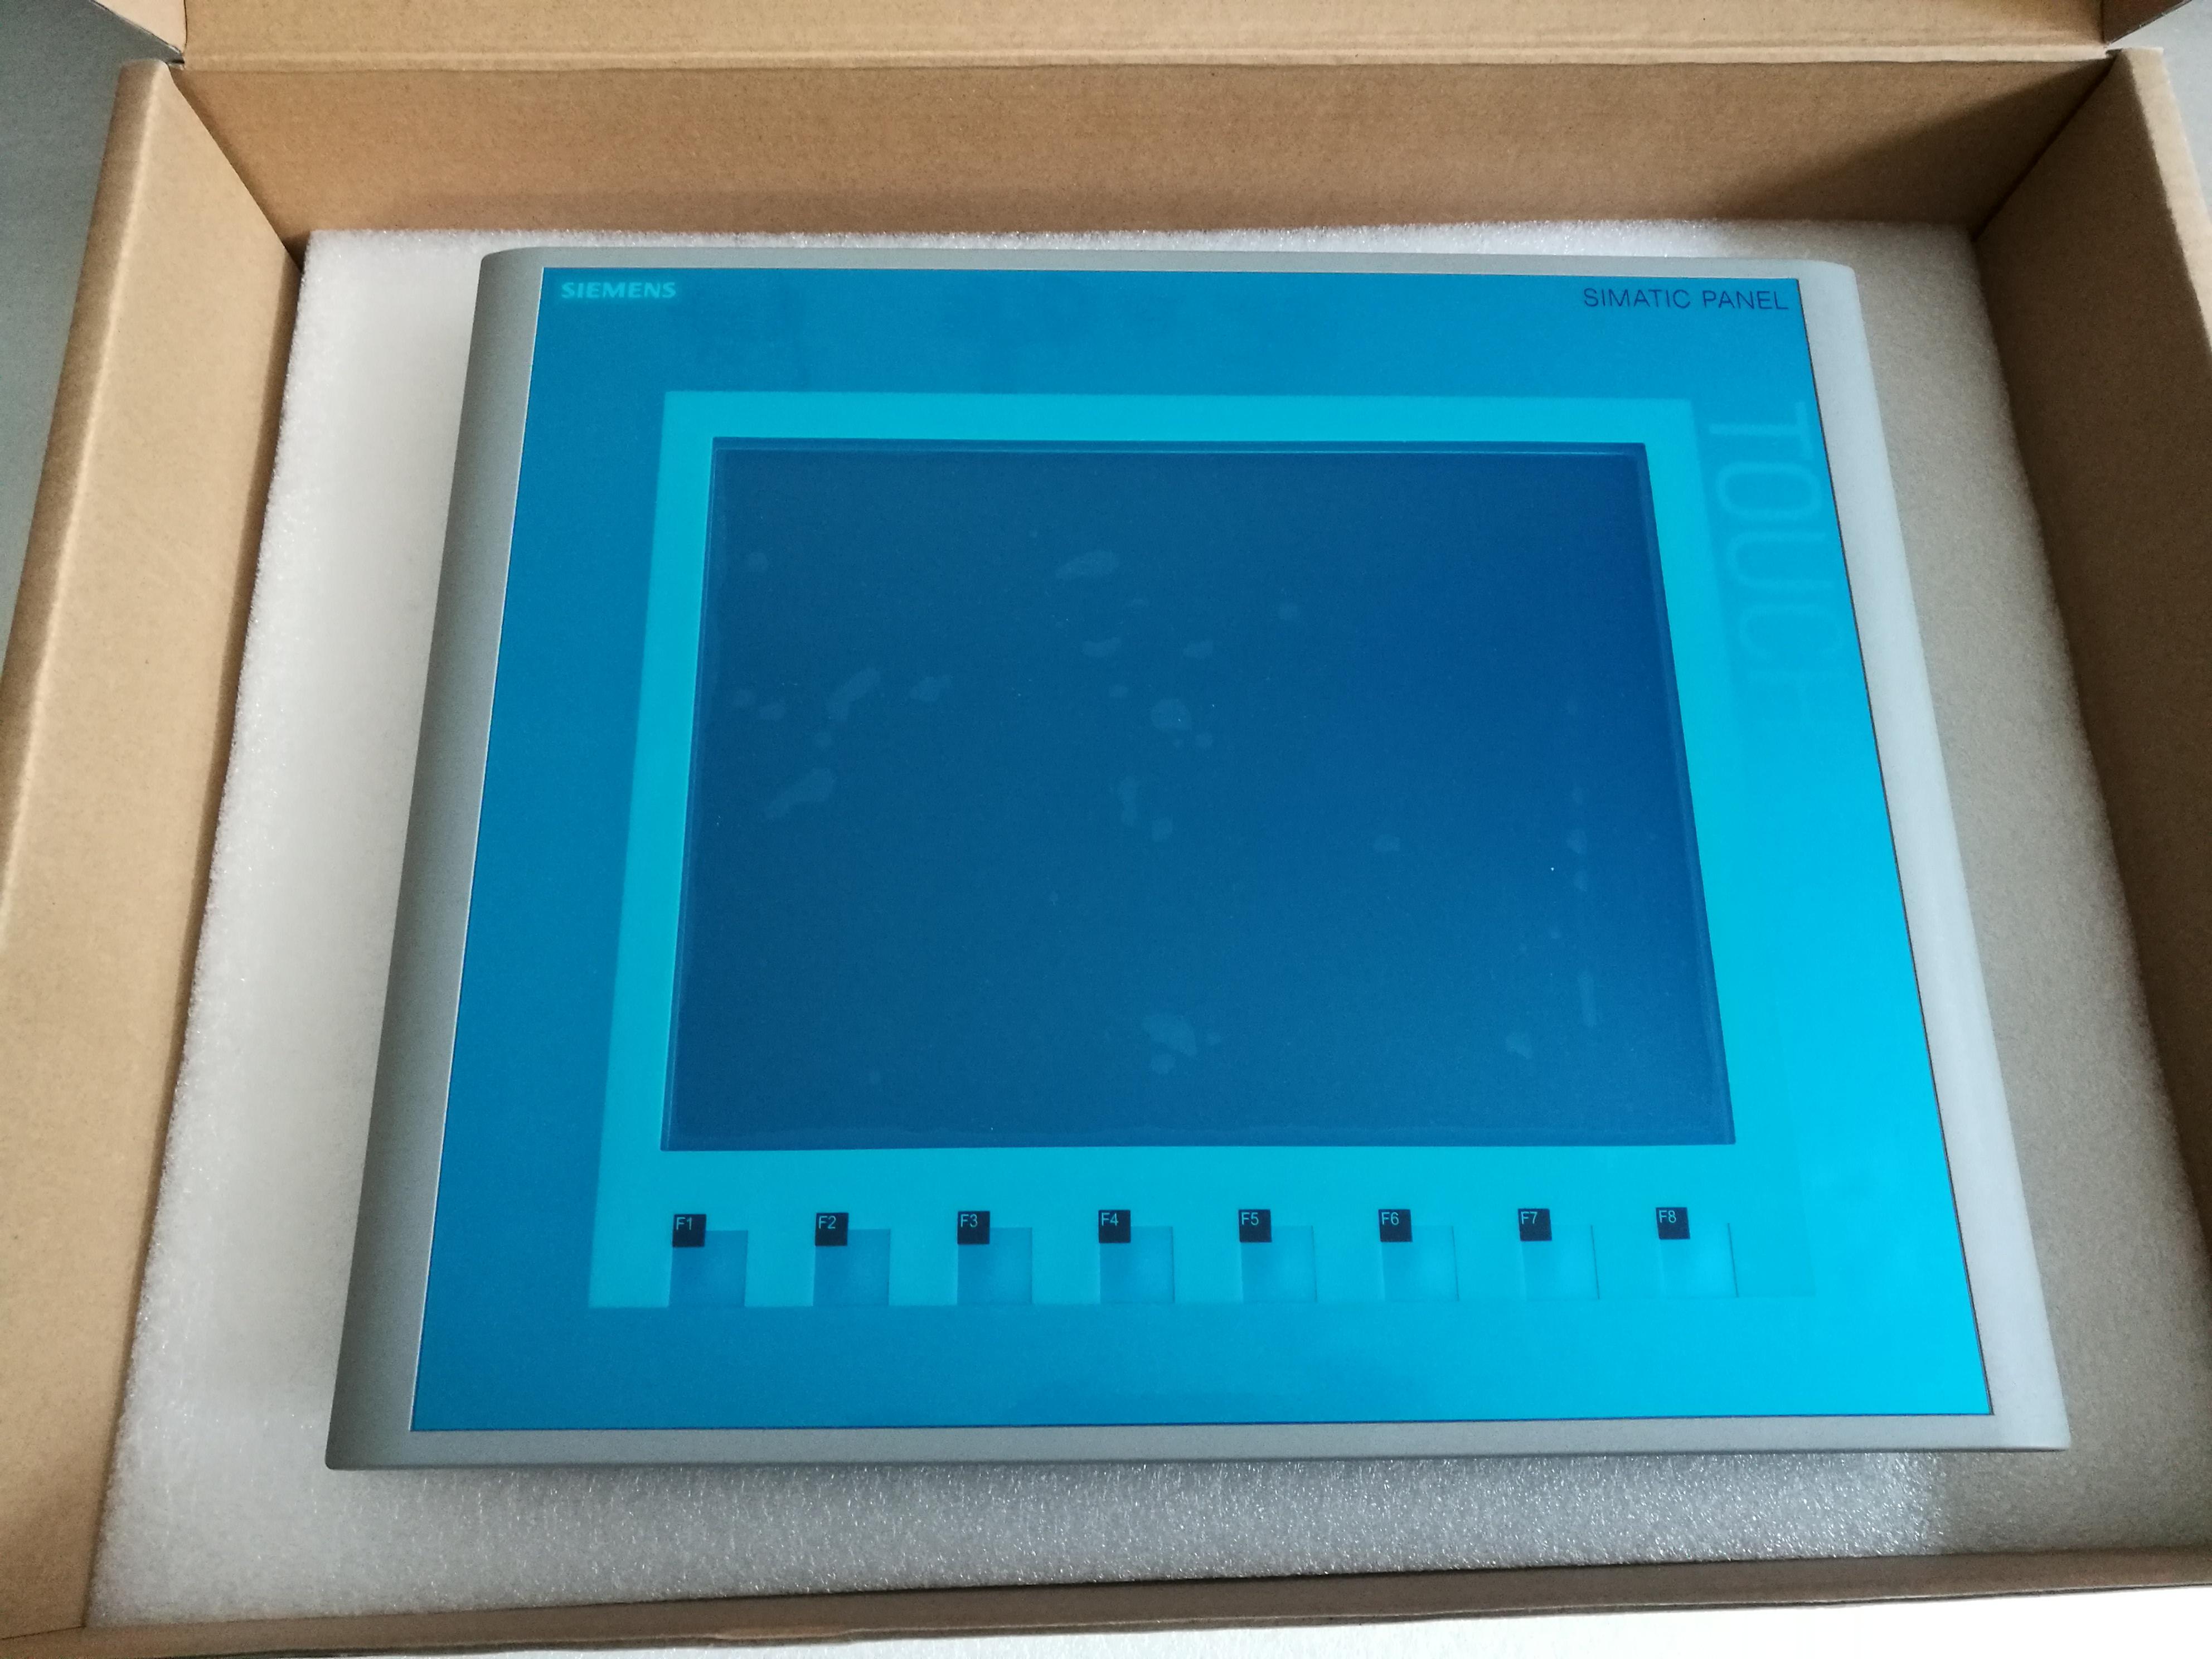 西门子 SIEMENS 触摸屏HMI 6AV6647-0AF11-3AX0 现货 SIMATIC PANEL 西门子 SIEMENS,6AV6647,触摸屏HMI,6AV6647-0AF11-3AX0,SIMATIC PANEL